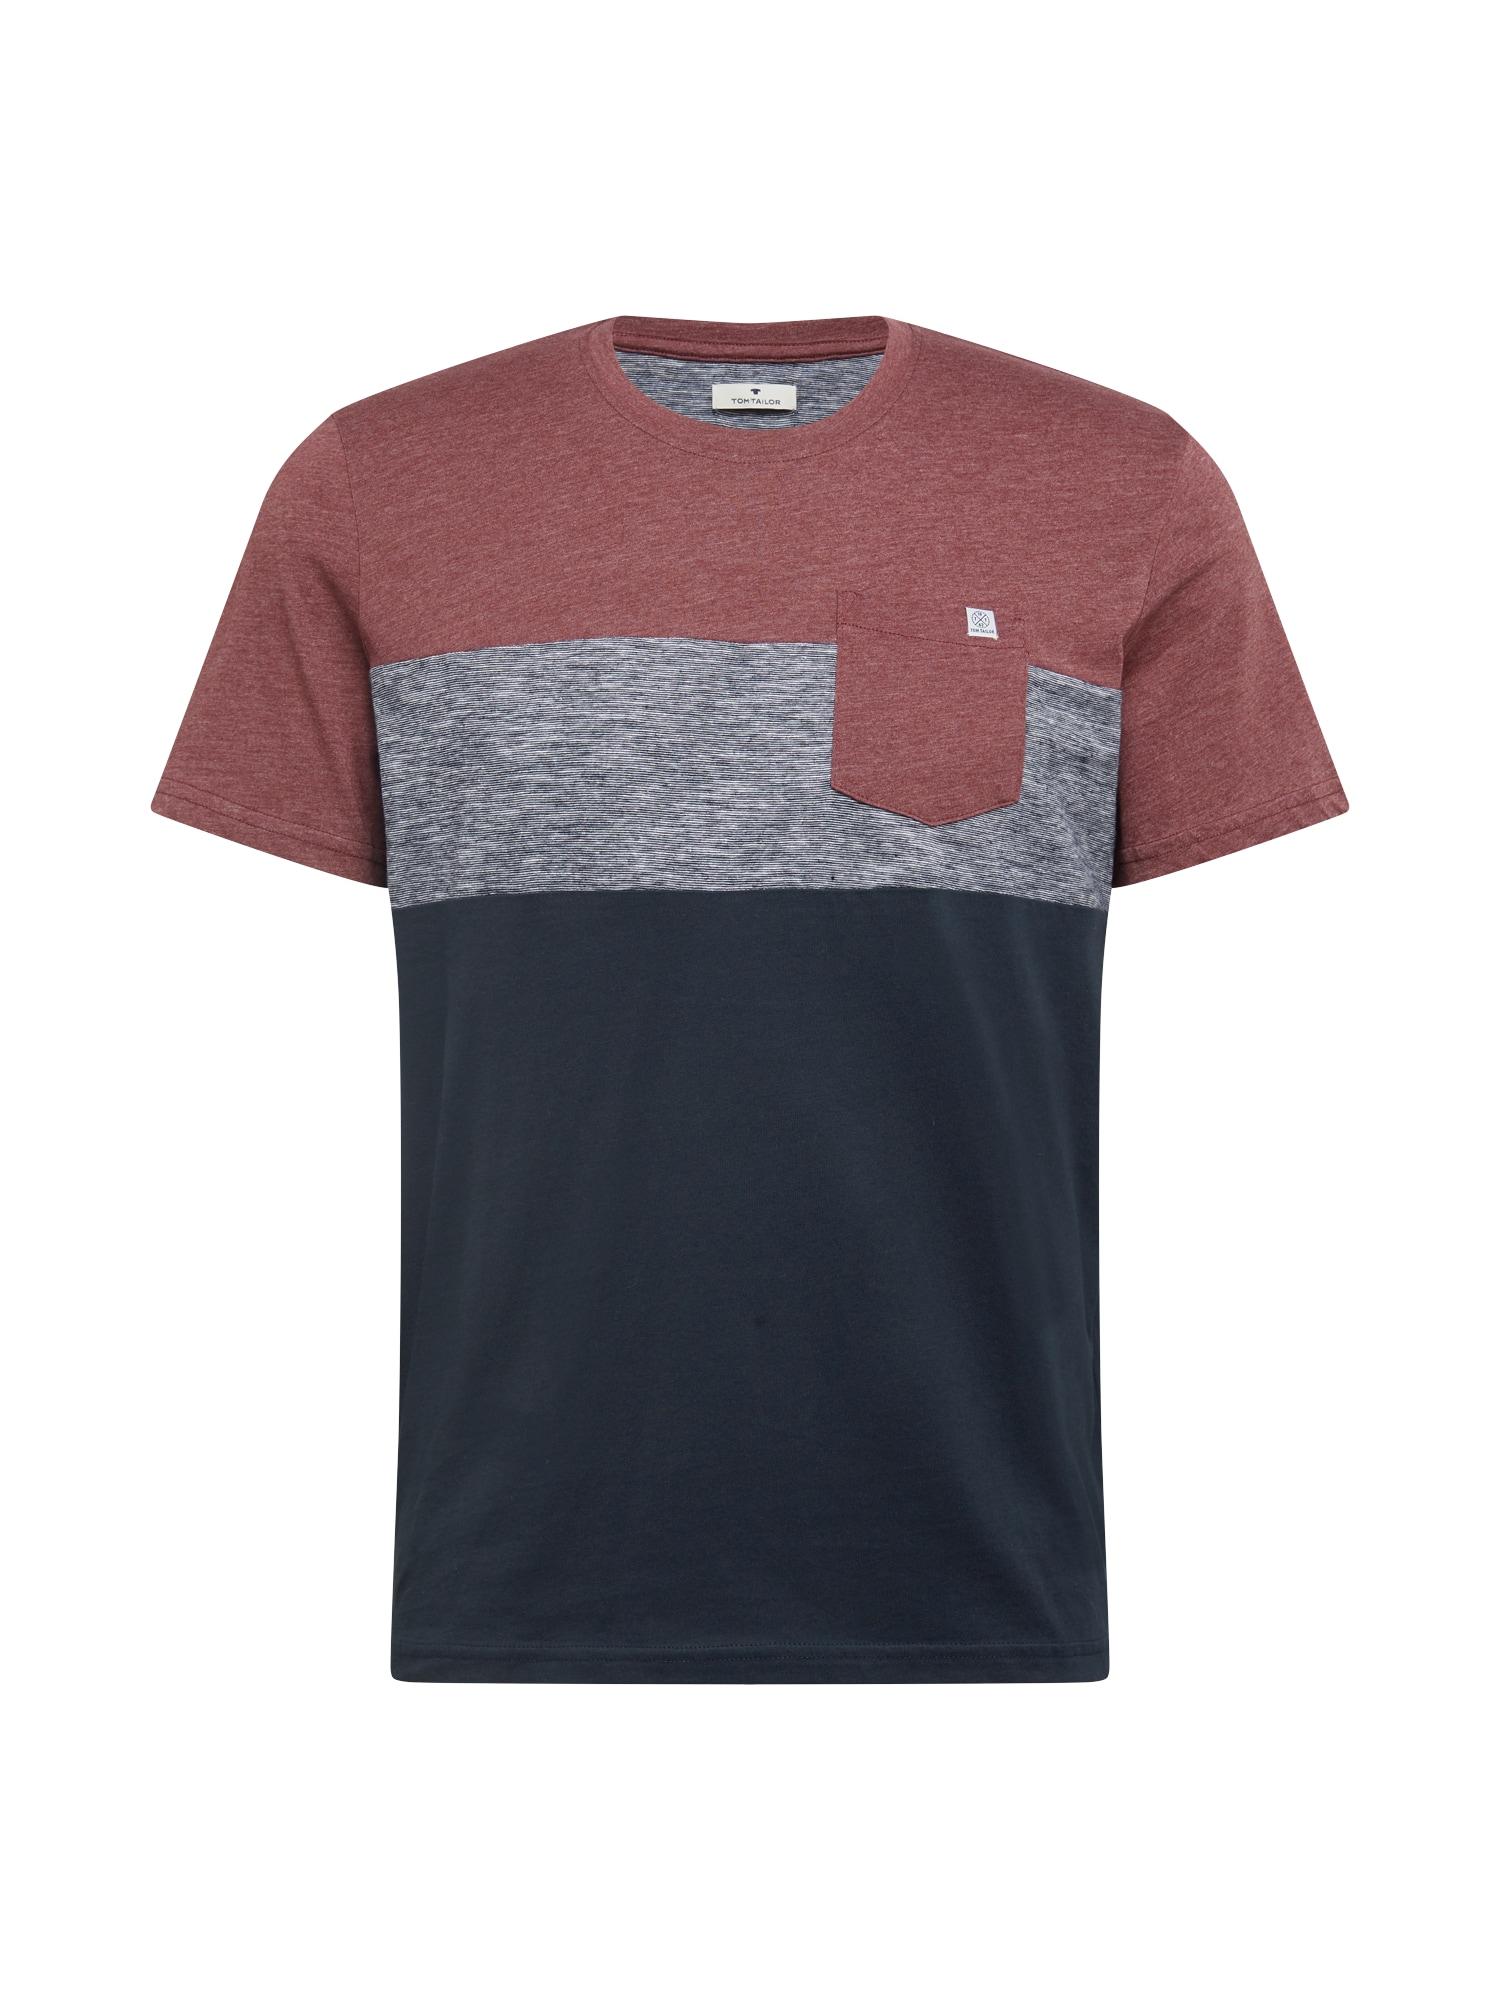 TOM TAILOR Tričko  červená / šedá / noční modrá